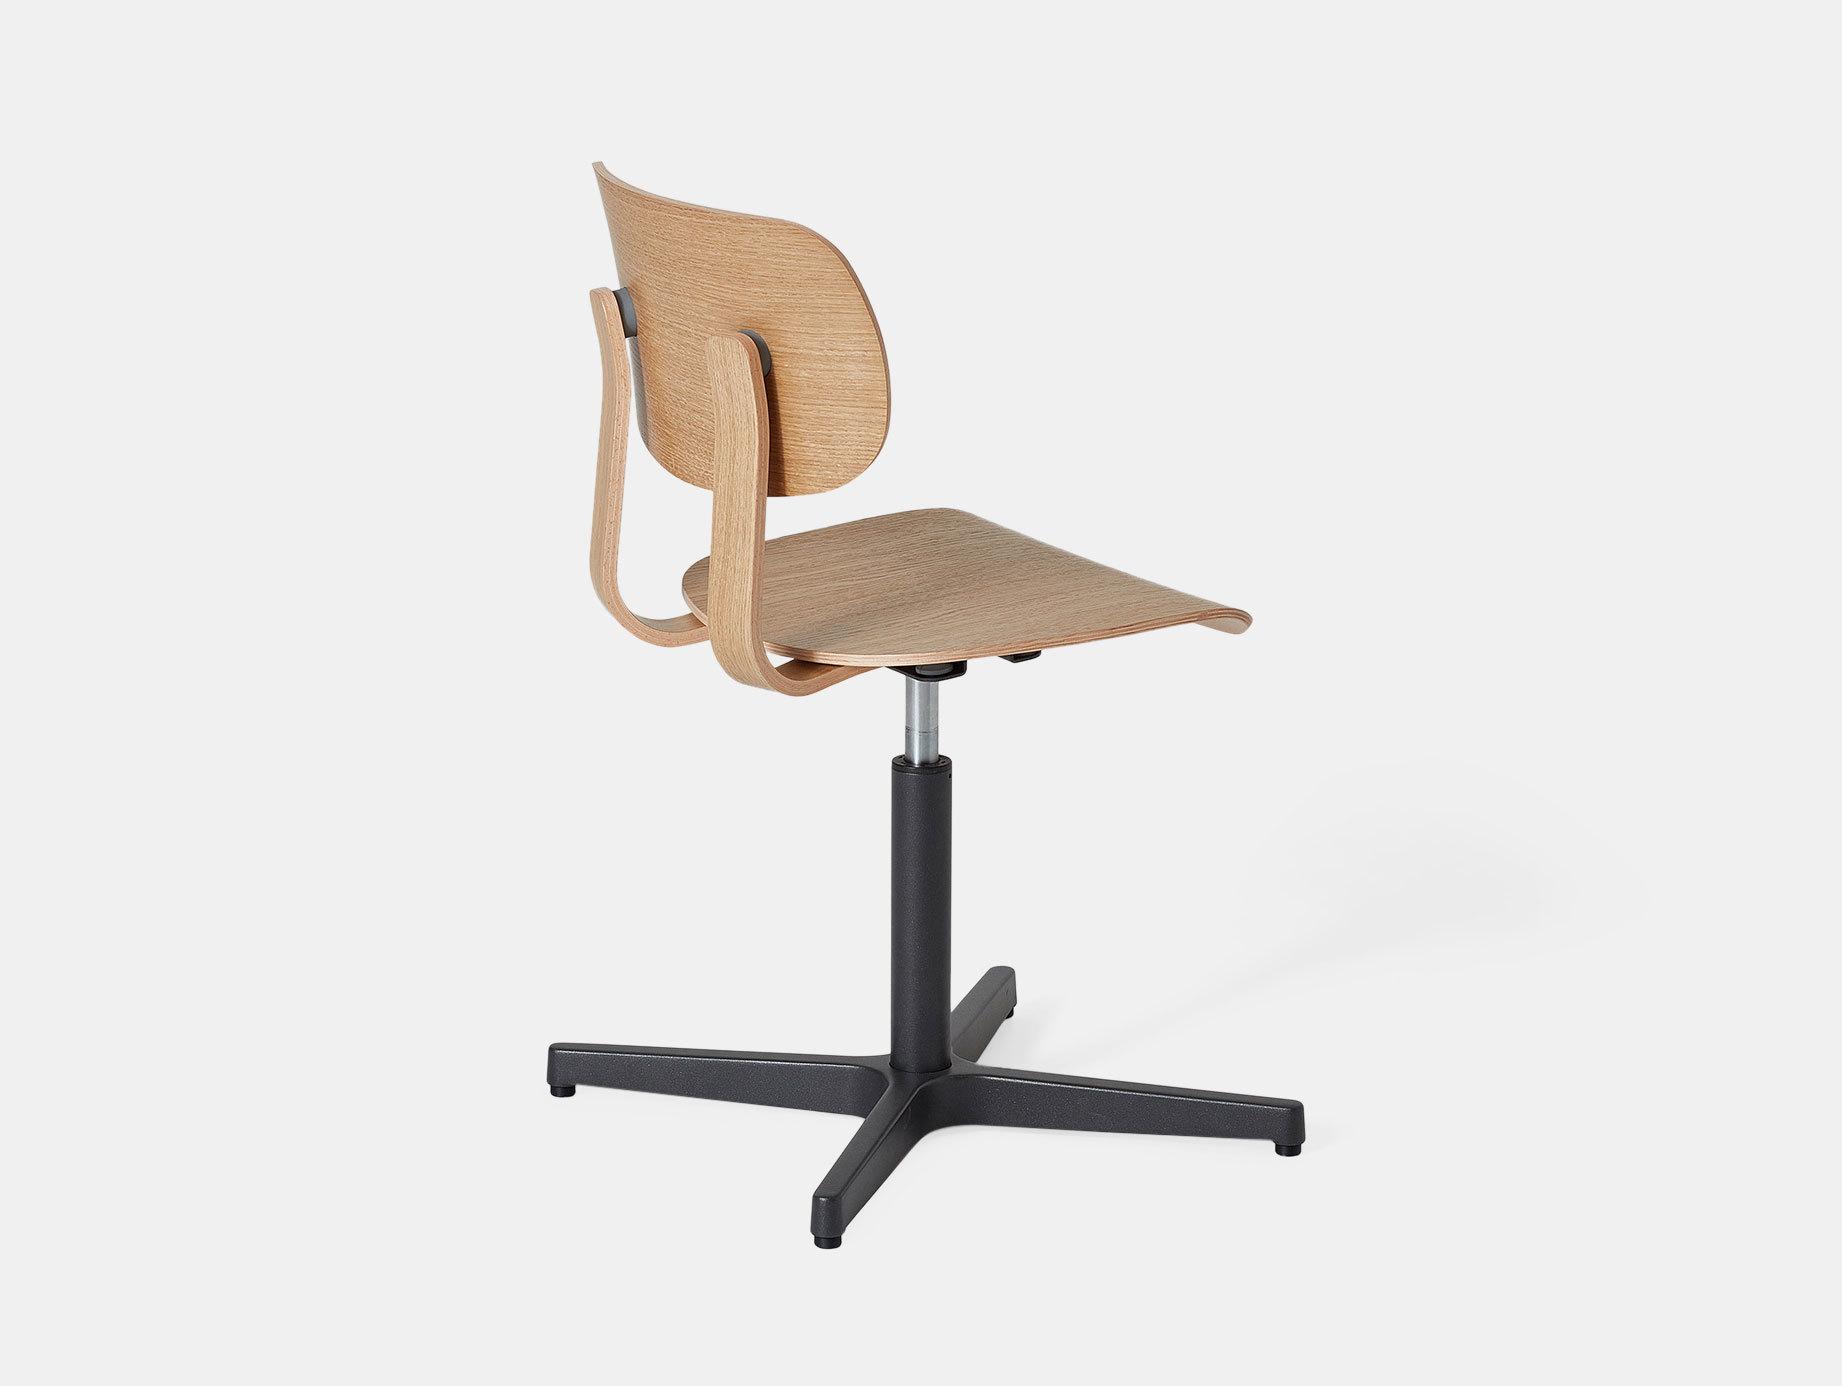 HD Chair Pedestal image 2